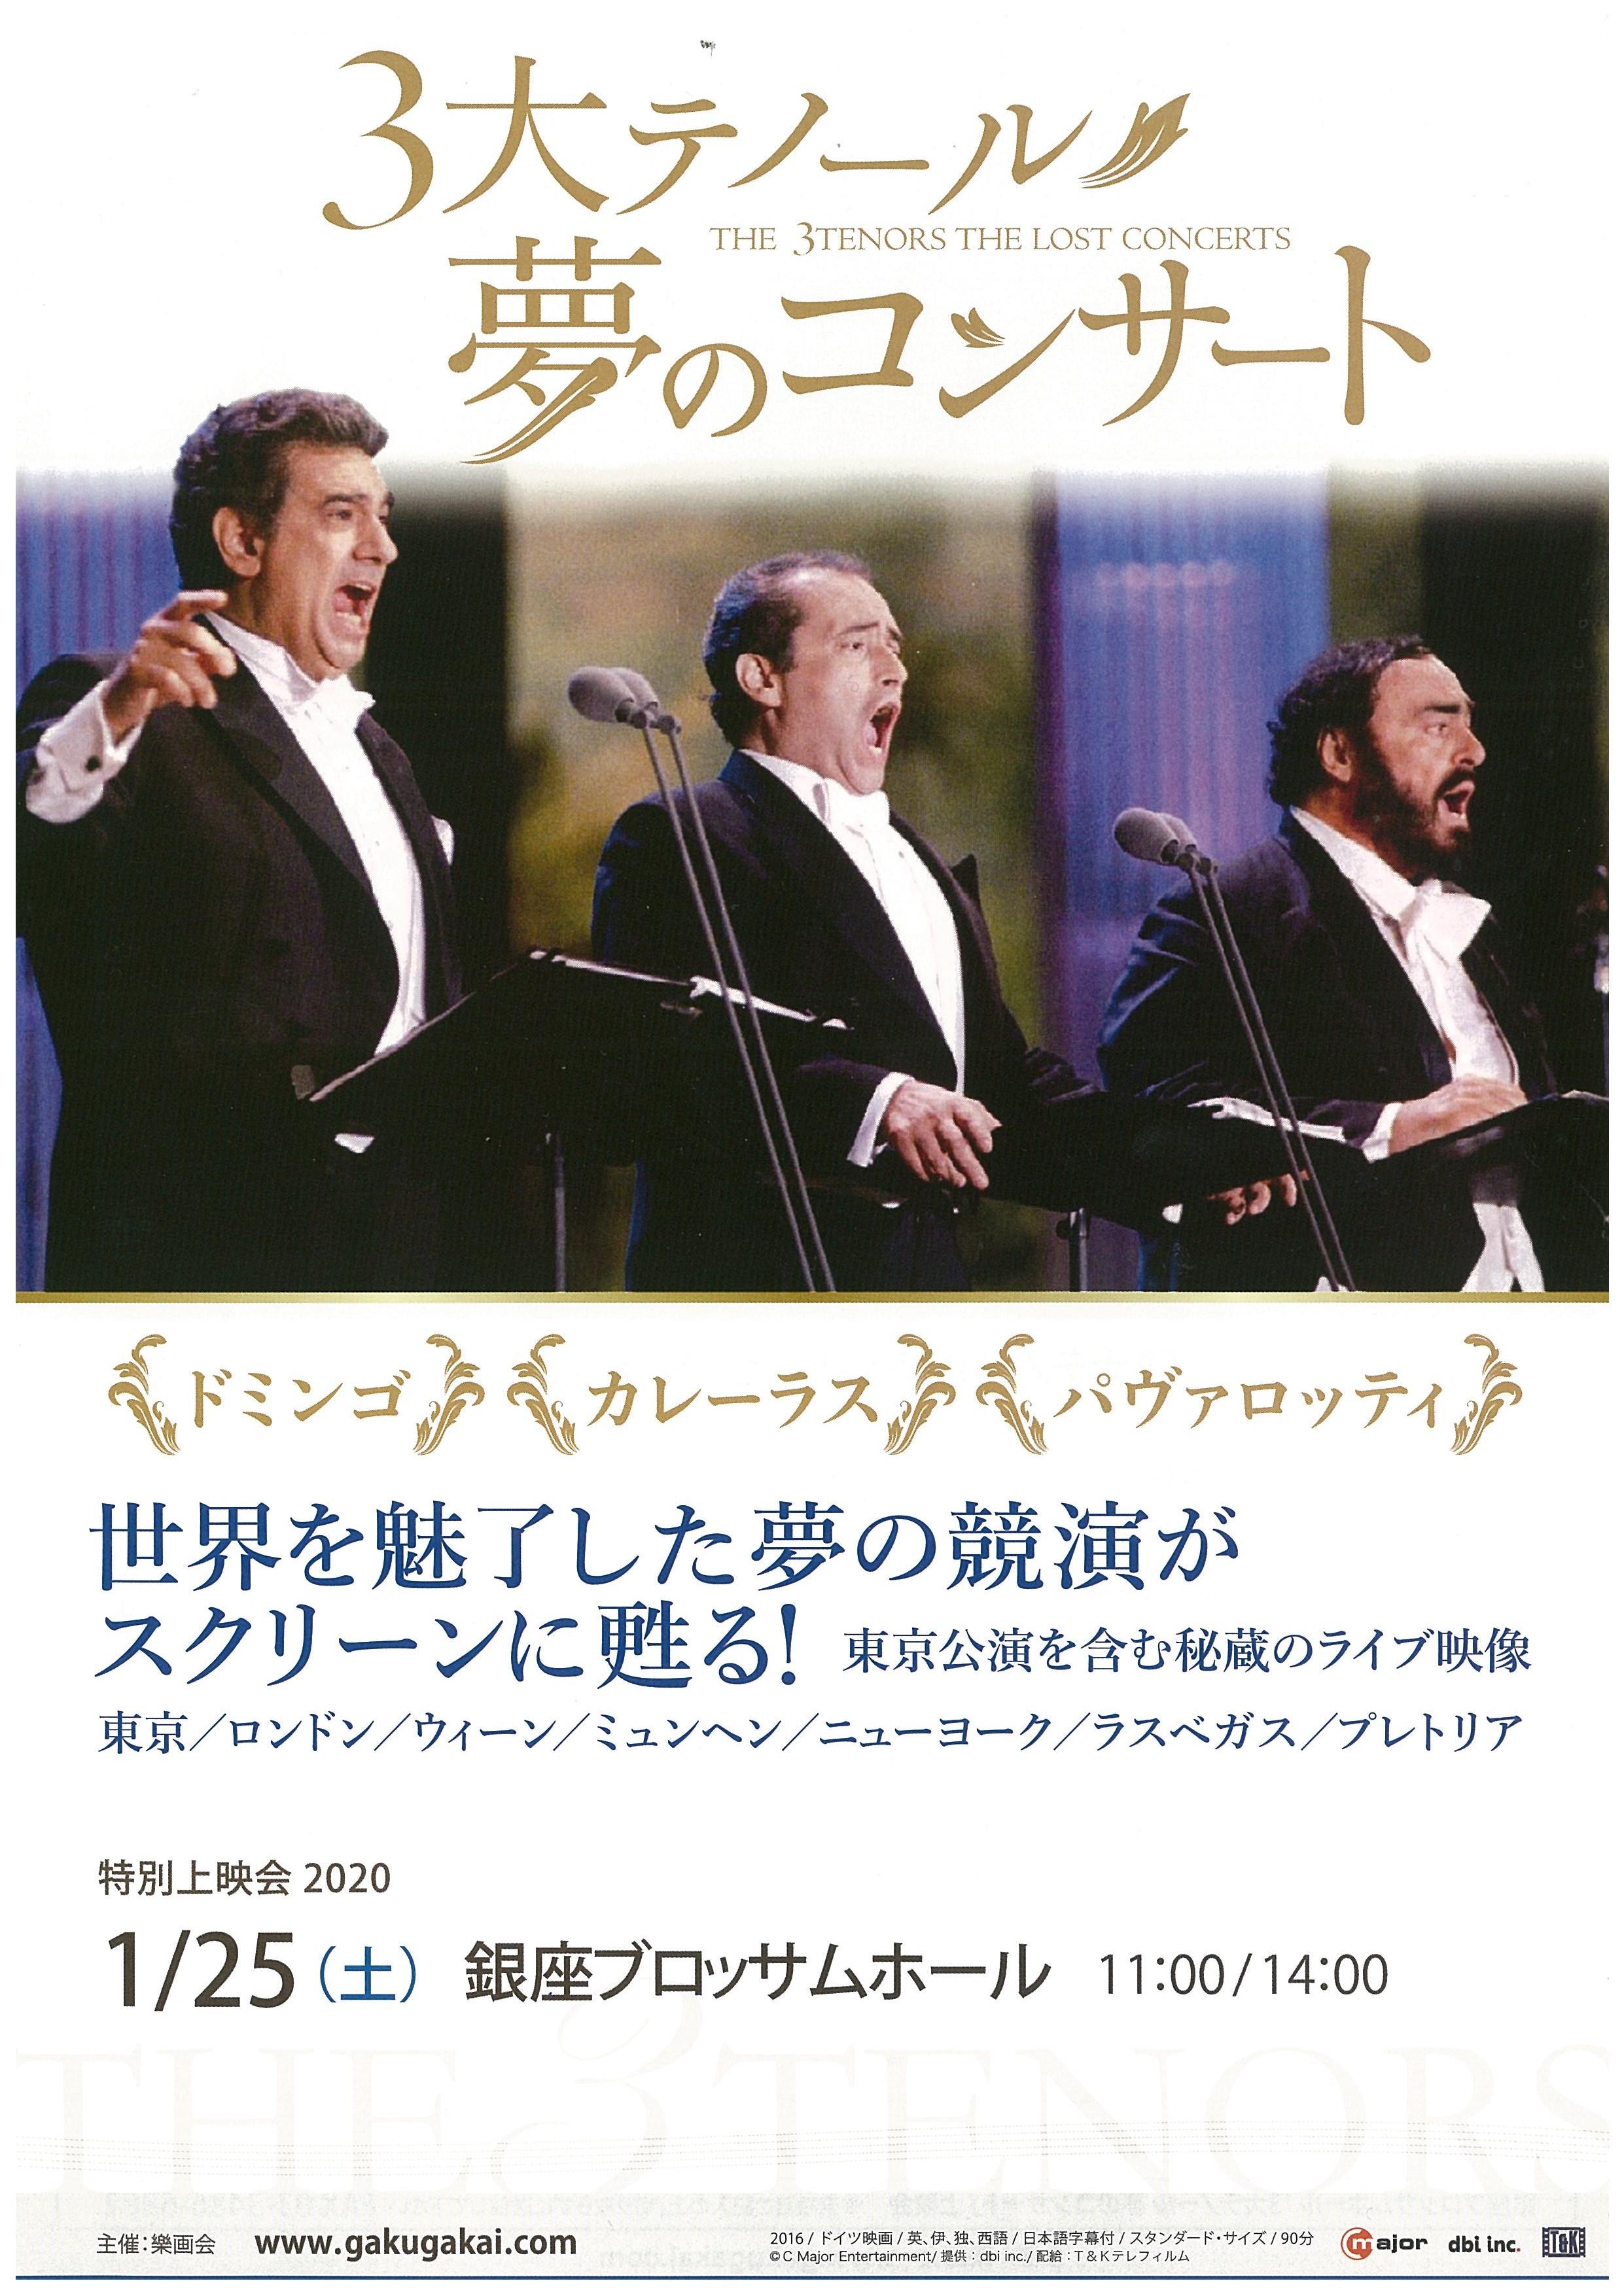 3大テノール 夢のコンサート